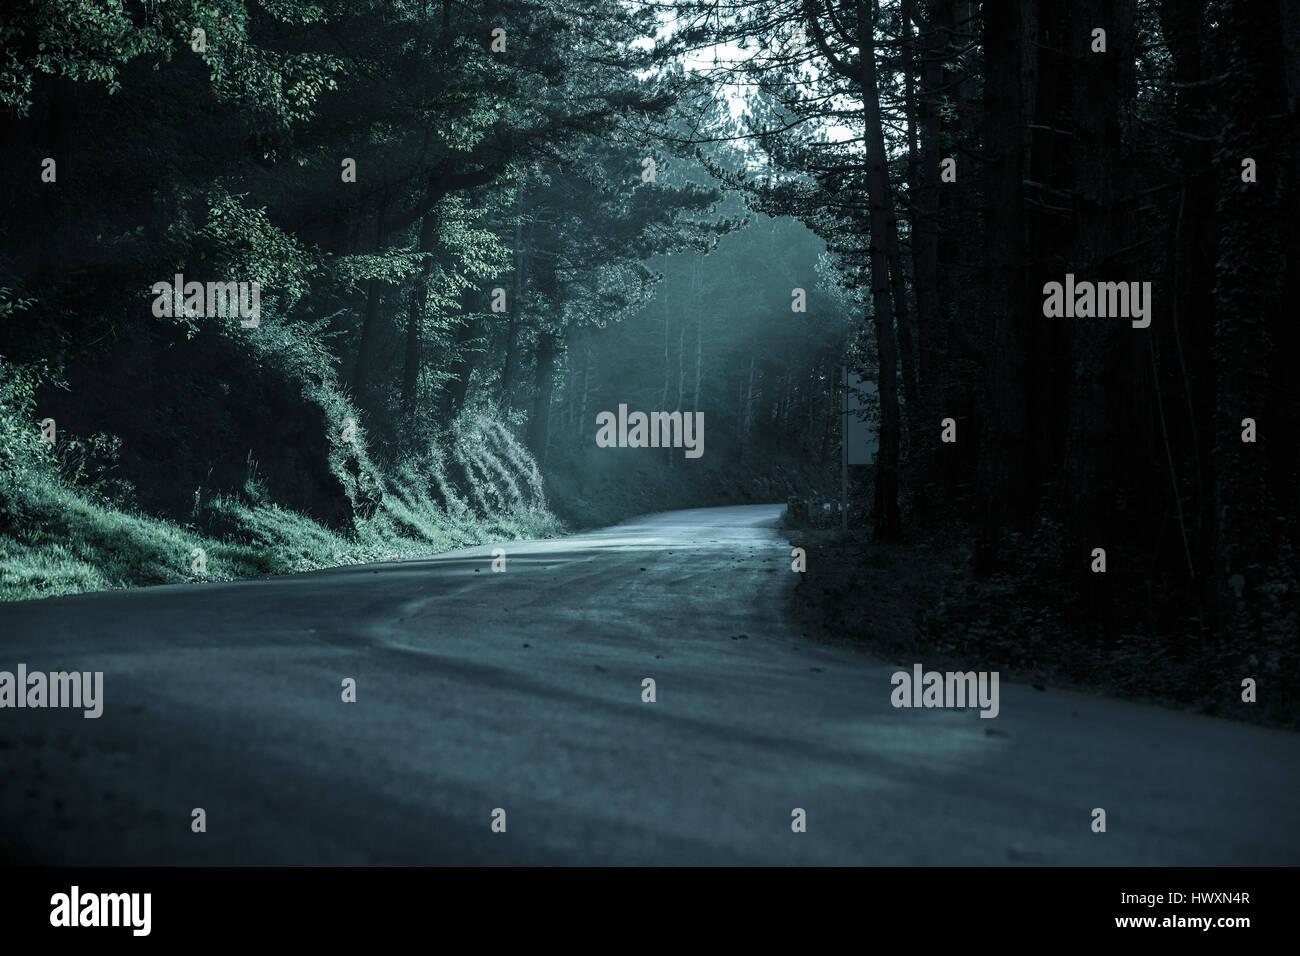 Foresta scura con strada vuota nella luce sfuggente. Emotiva, sfondo gotico, inquietante scenario naturale del concetto. Immagini Stock